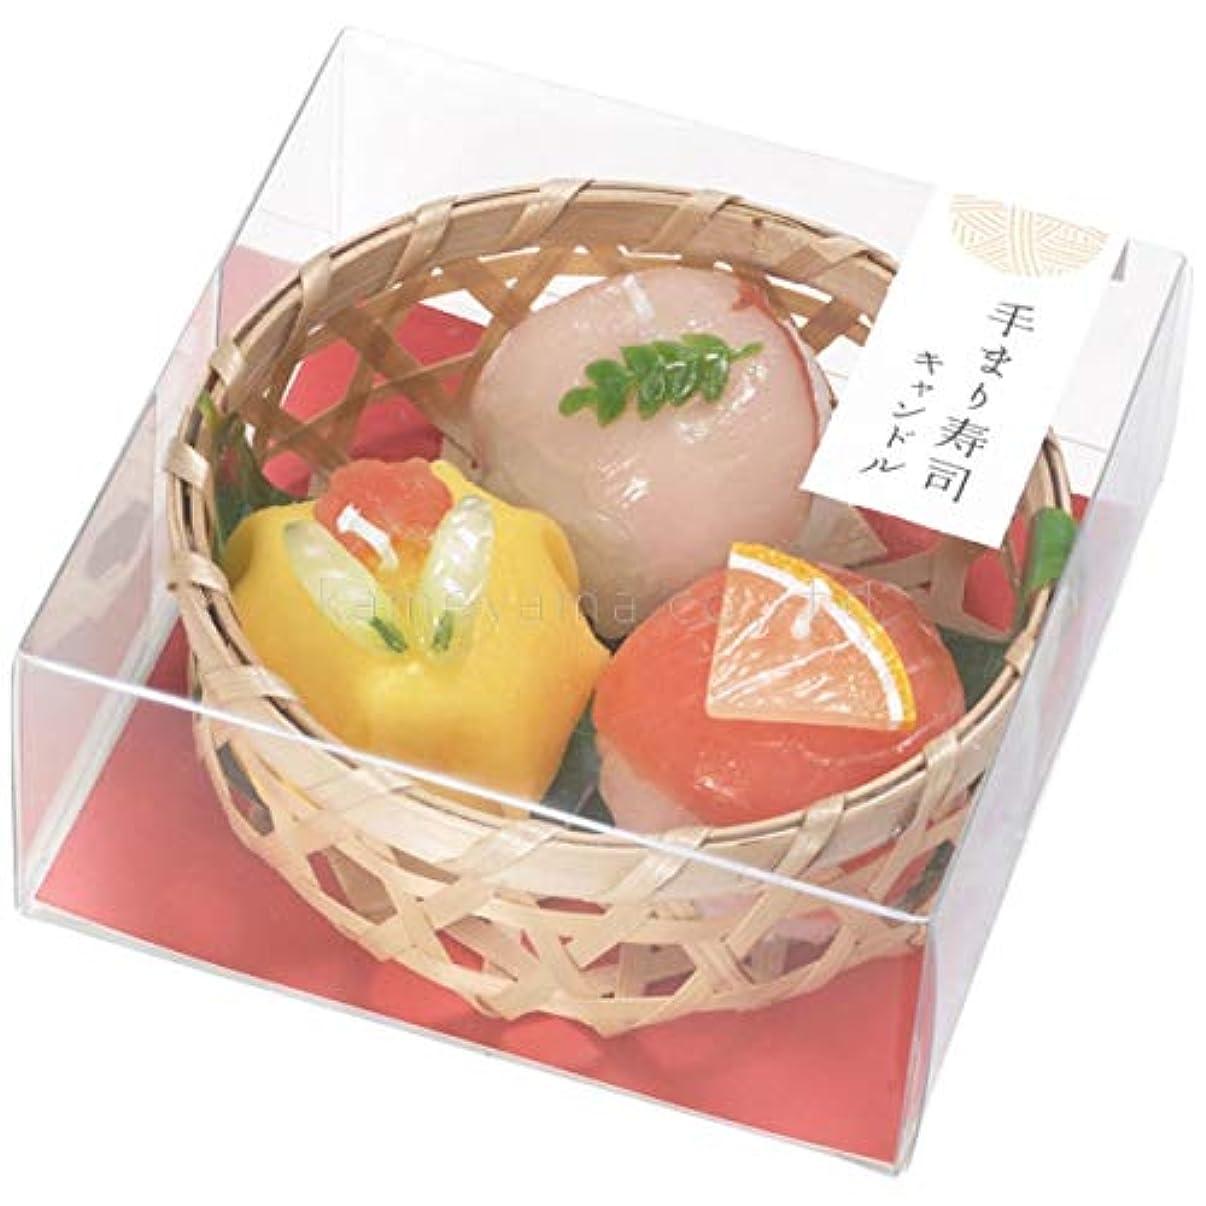 雇用標高雰囲気手まり寿司キャンドル (故人の好物シリーズ)